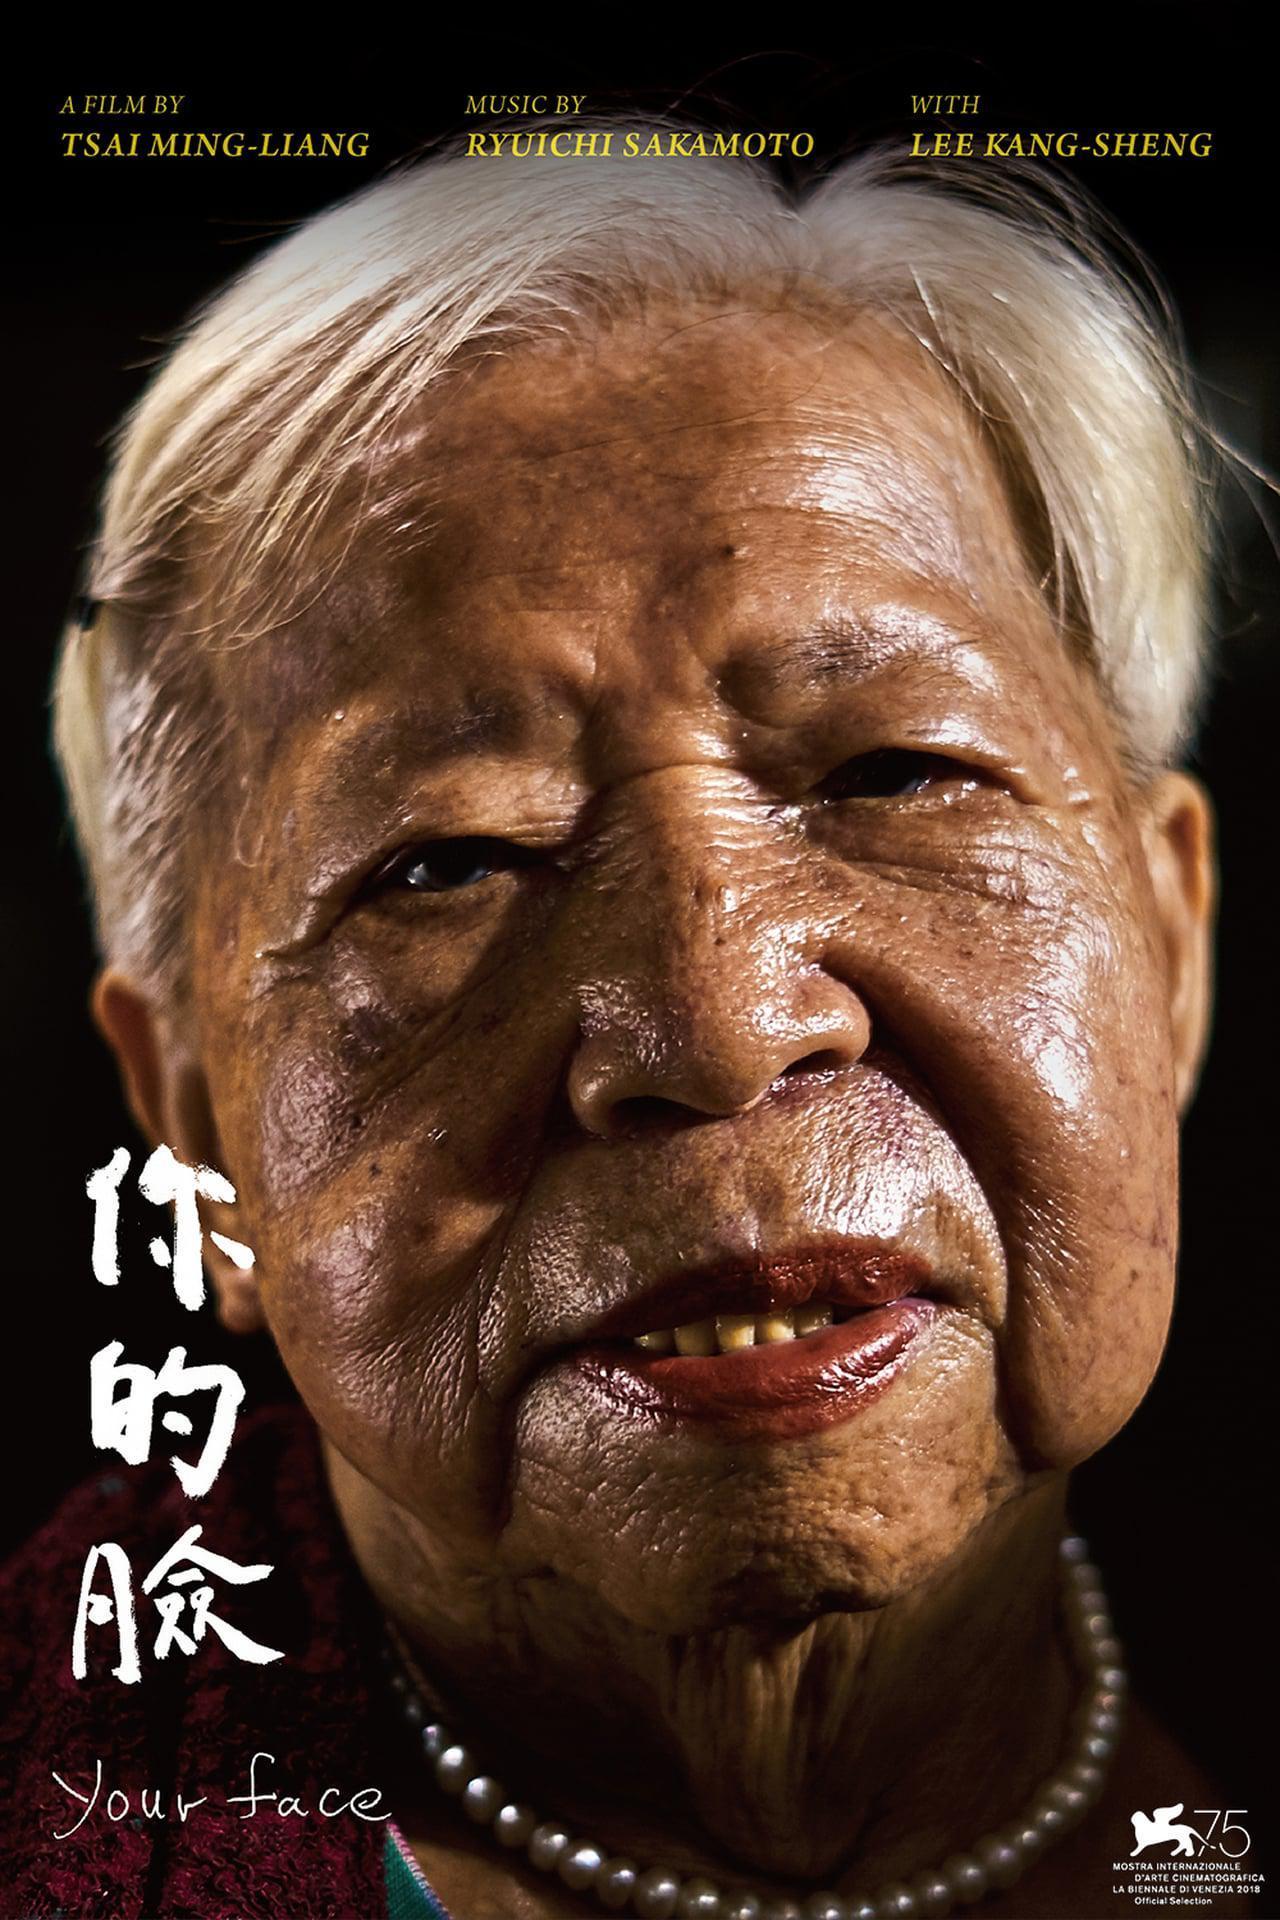 蔡明亮新作《你的脸》亮相釜山电影节 与坂本龙一相